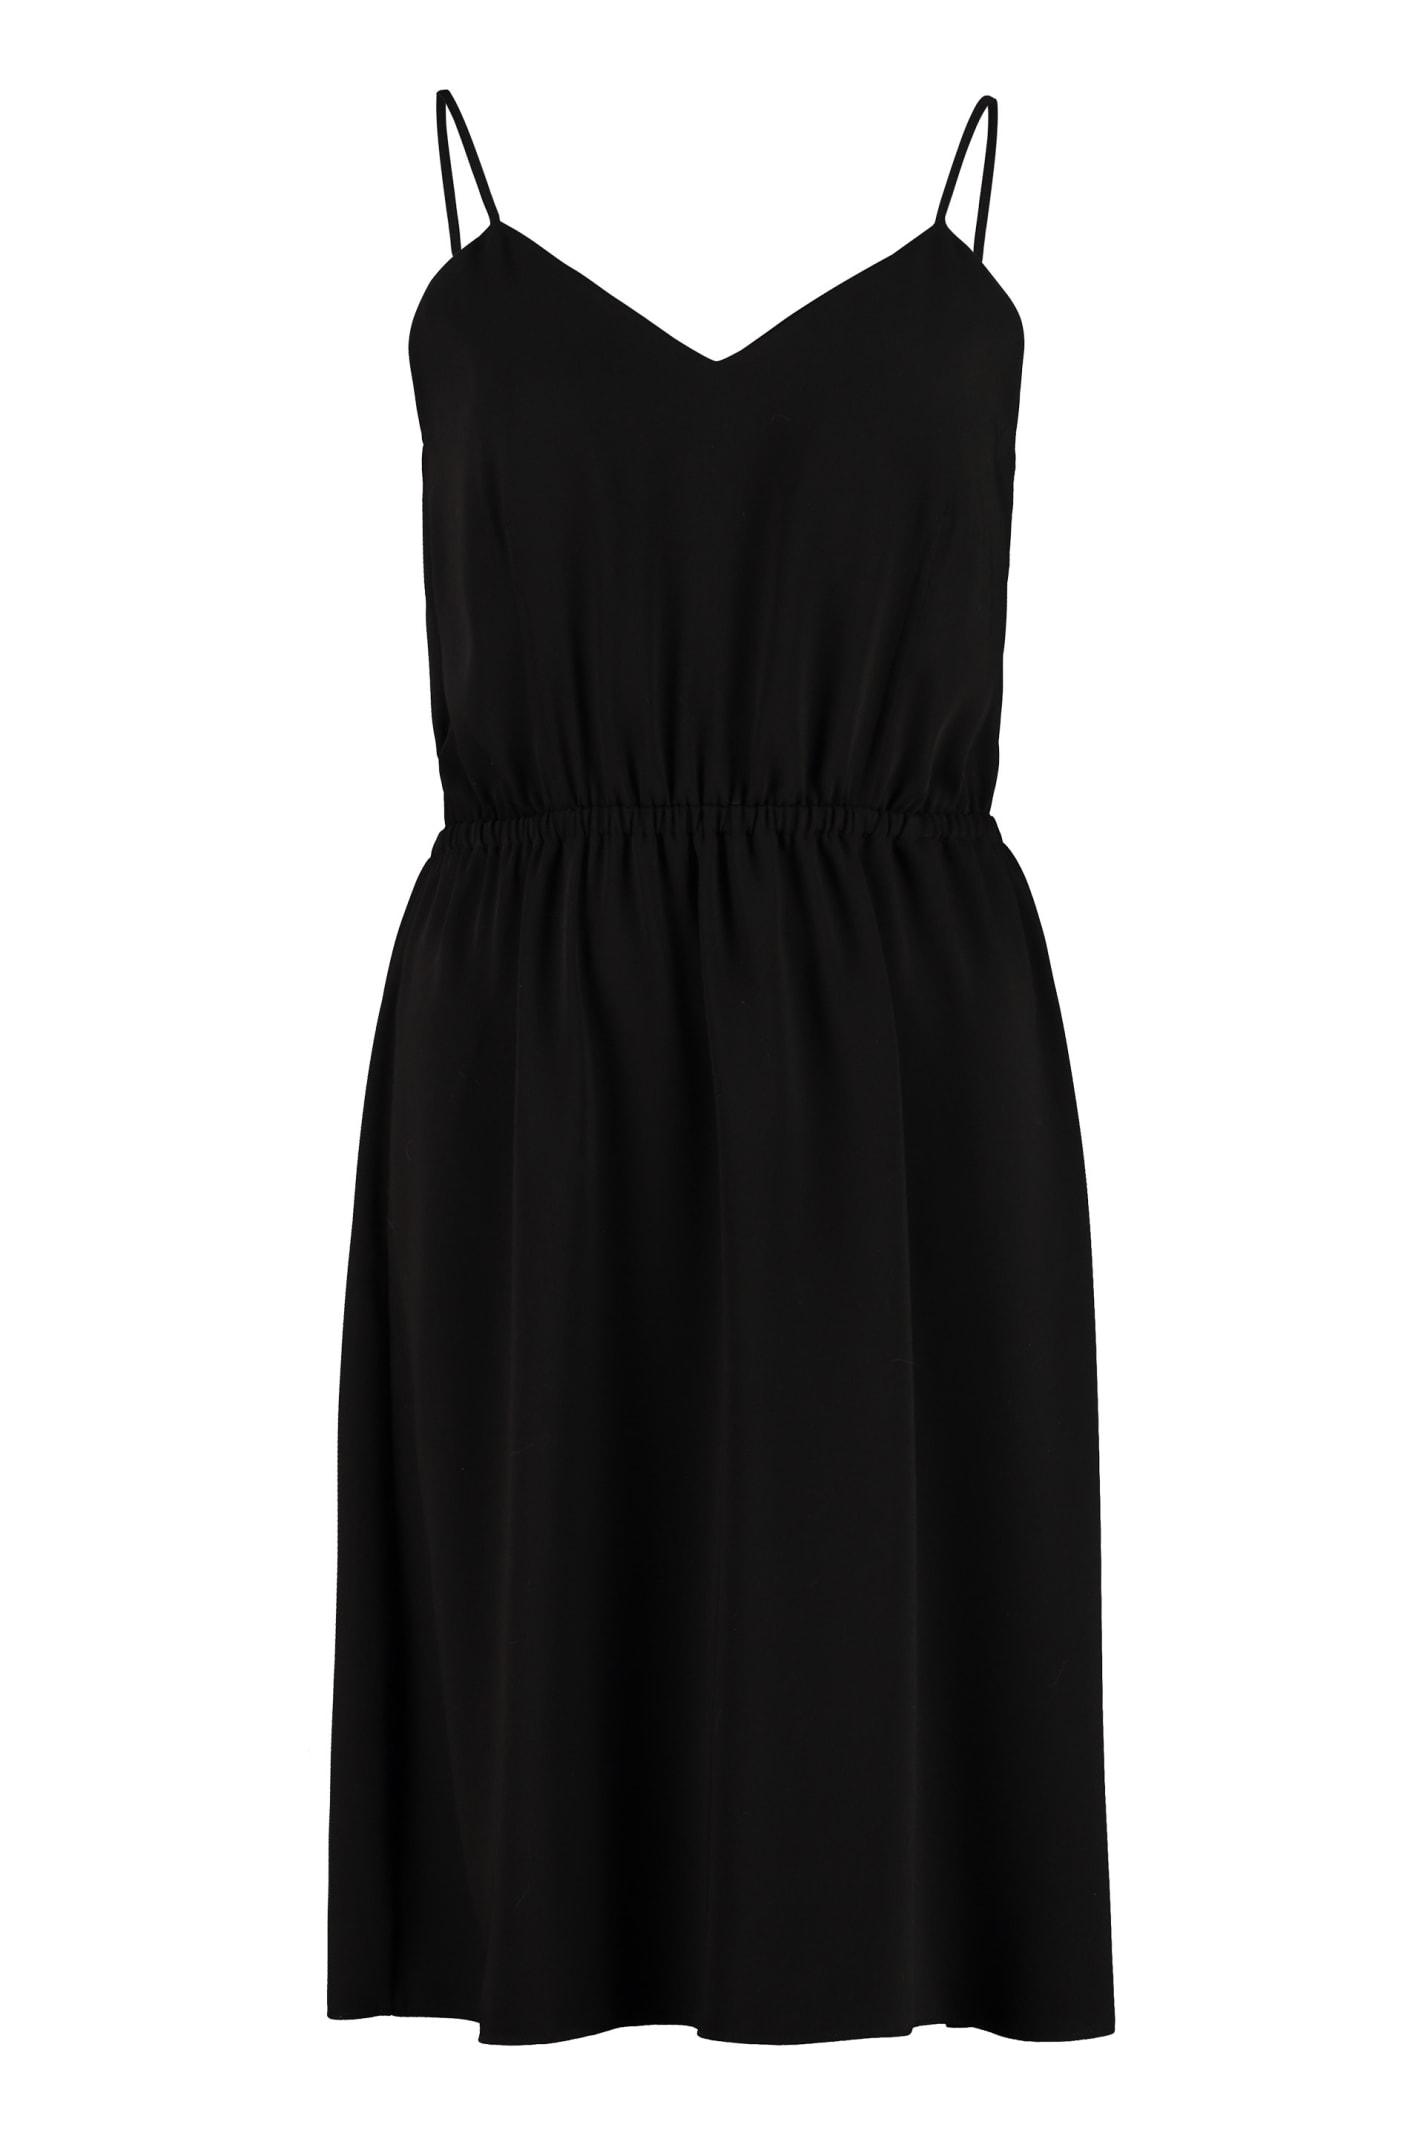 Buy MM6 Maison Margiela Sleeveless Shift Dress online, shop MM6 Maison Margiela with free shipping